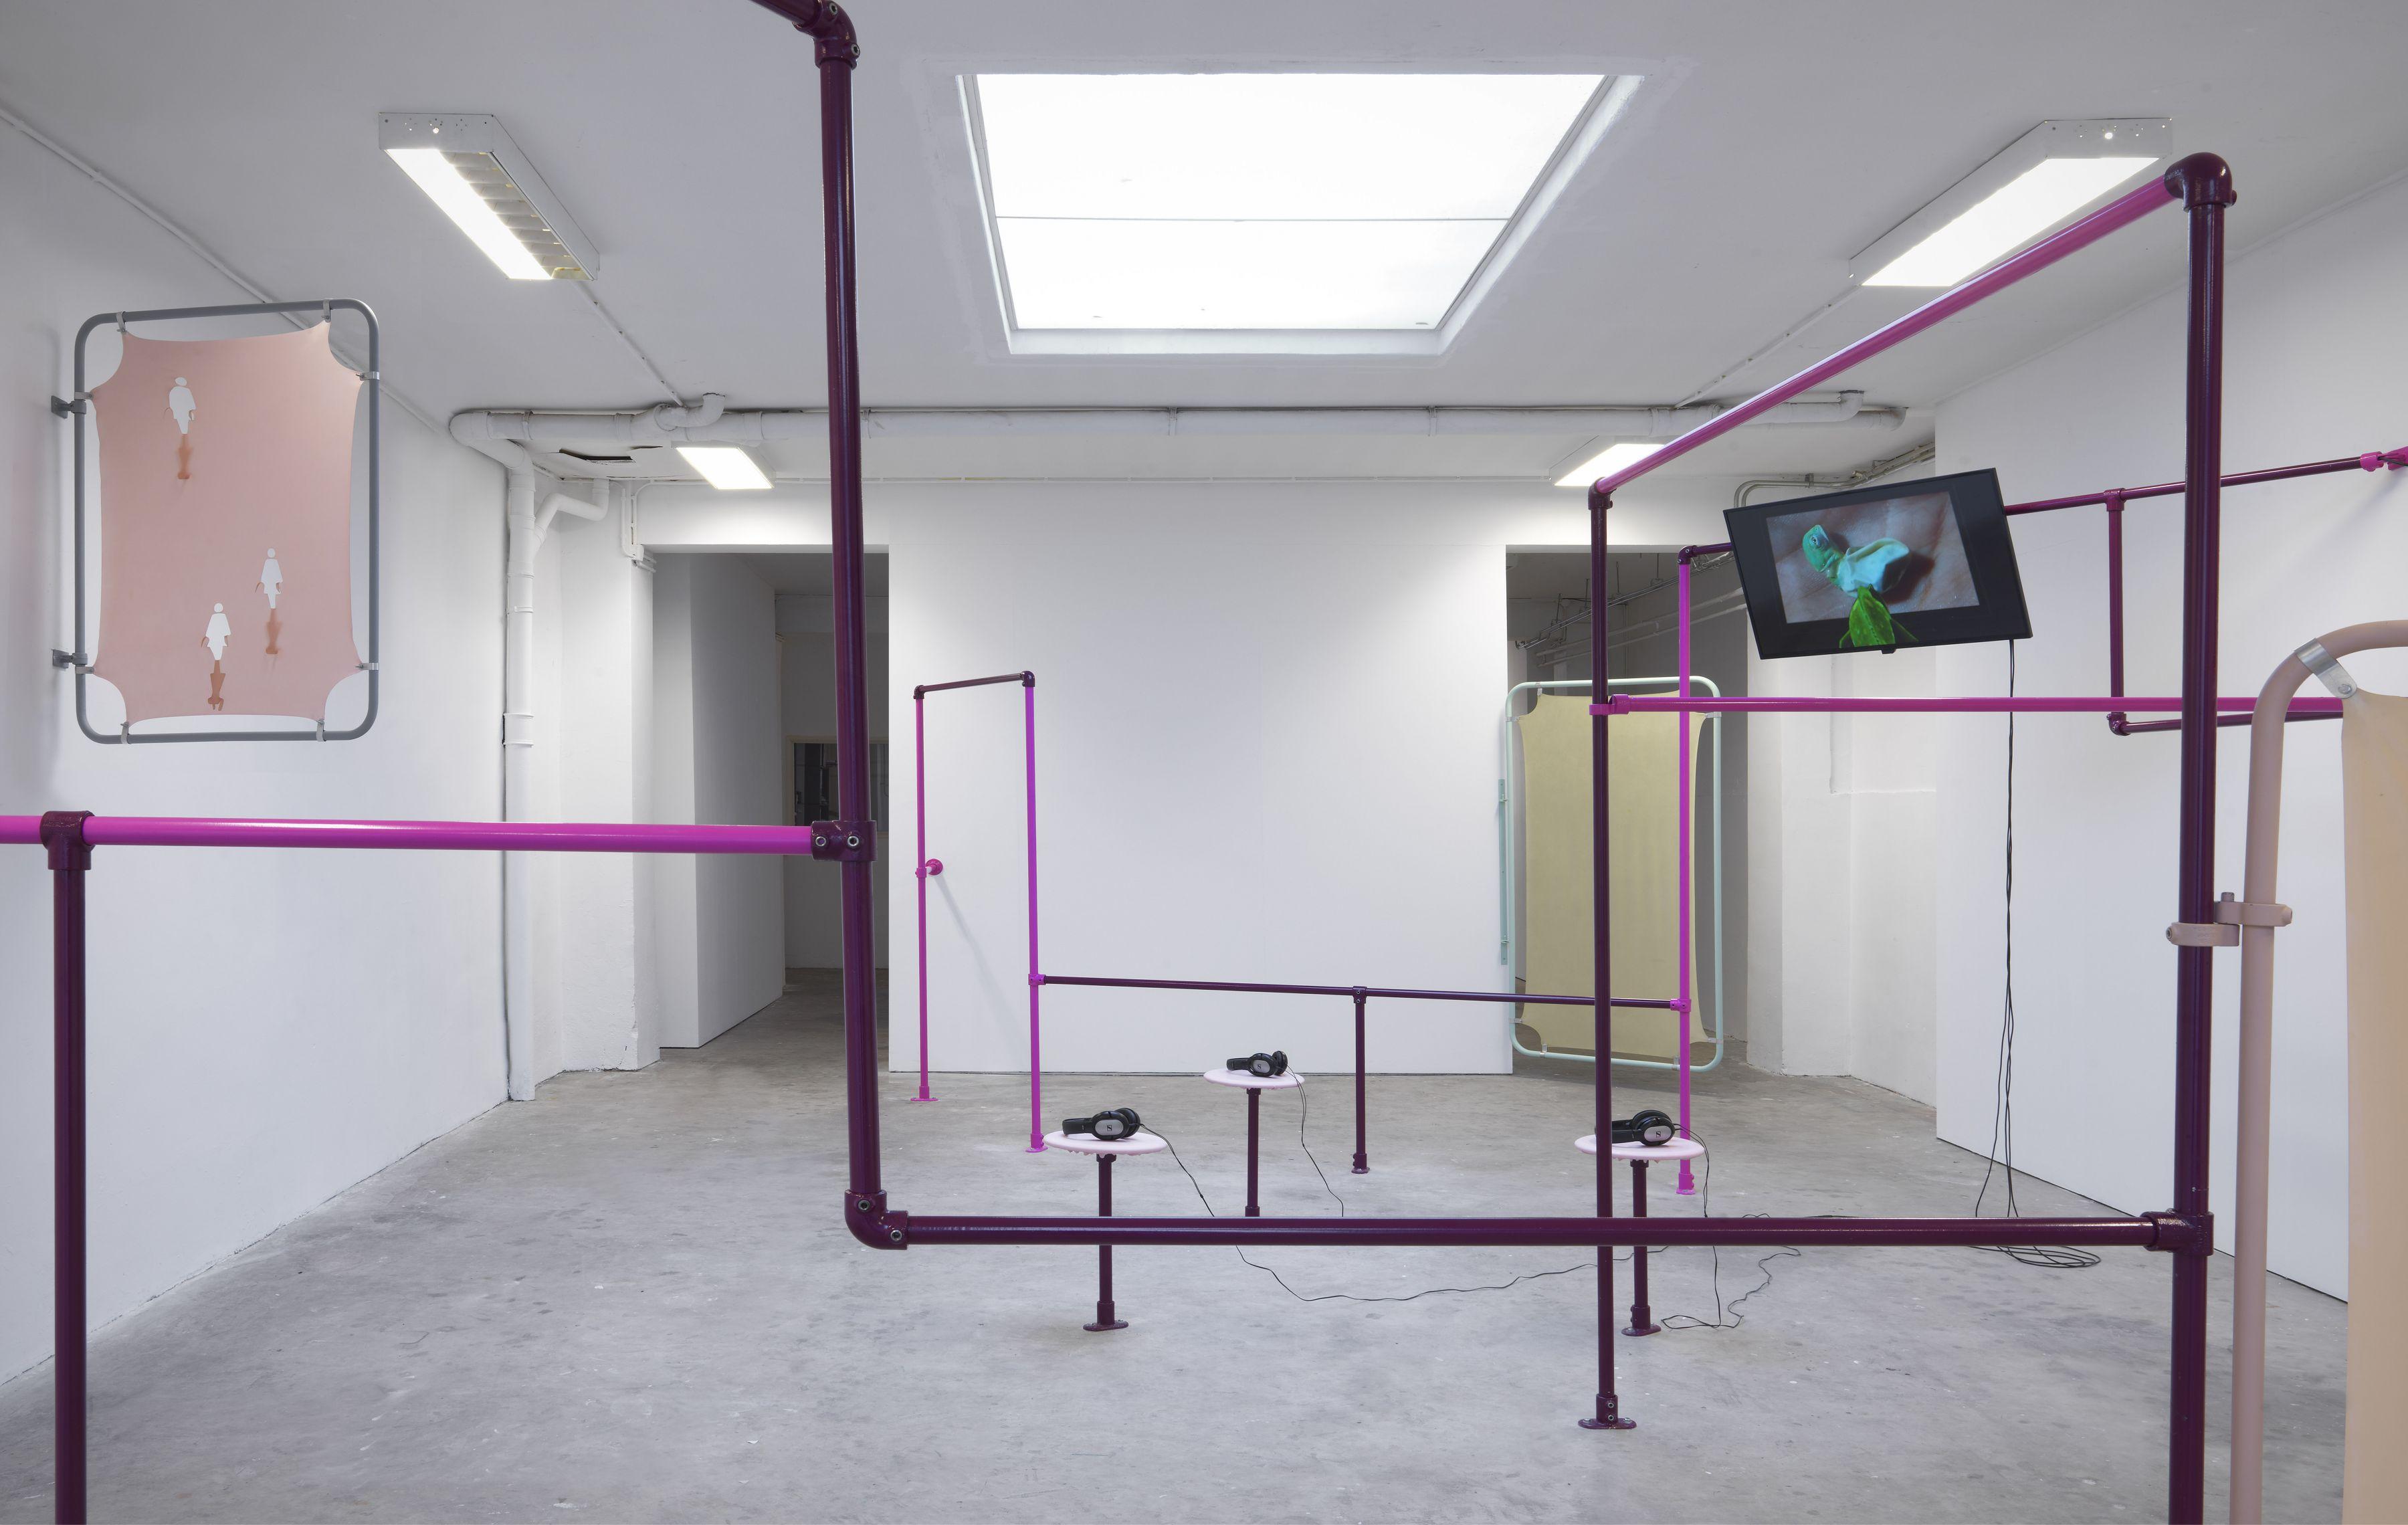 Installation view 'Breeder', Puck Verkade, Dürst Britt & Mayhew, 2017.